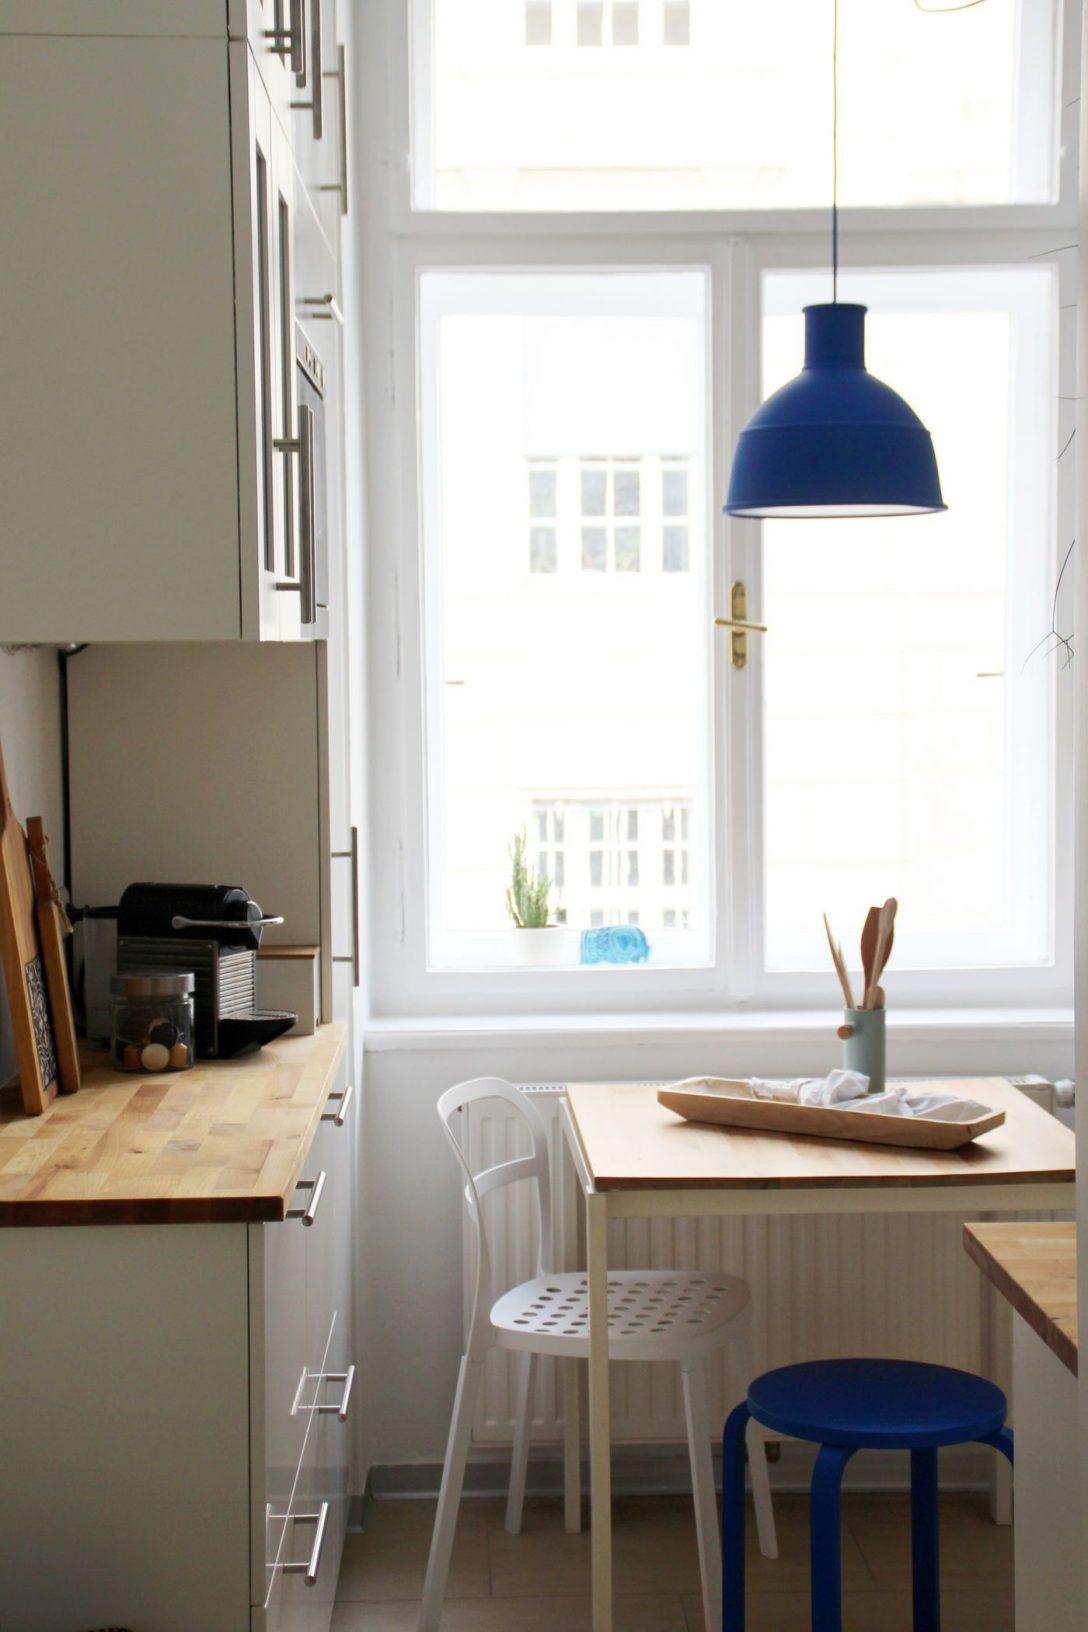 Large Size of Ikea Küchen Kchen Tolle Tipps Und Ideen Fr Kchenplanung Küche Kosten Miniküche Betten 160x200 Kaufen Regal Sofa Mit Schlaffunktion Modulküche Bei Wohnzimmer Ikea Küchen